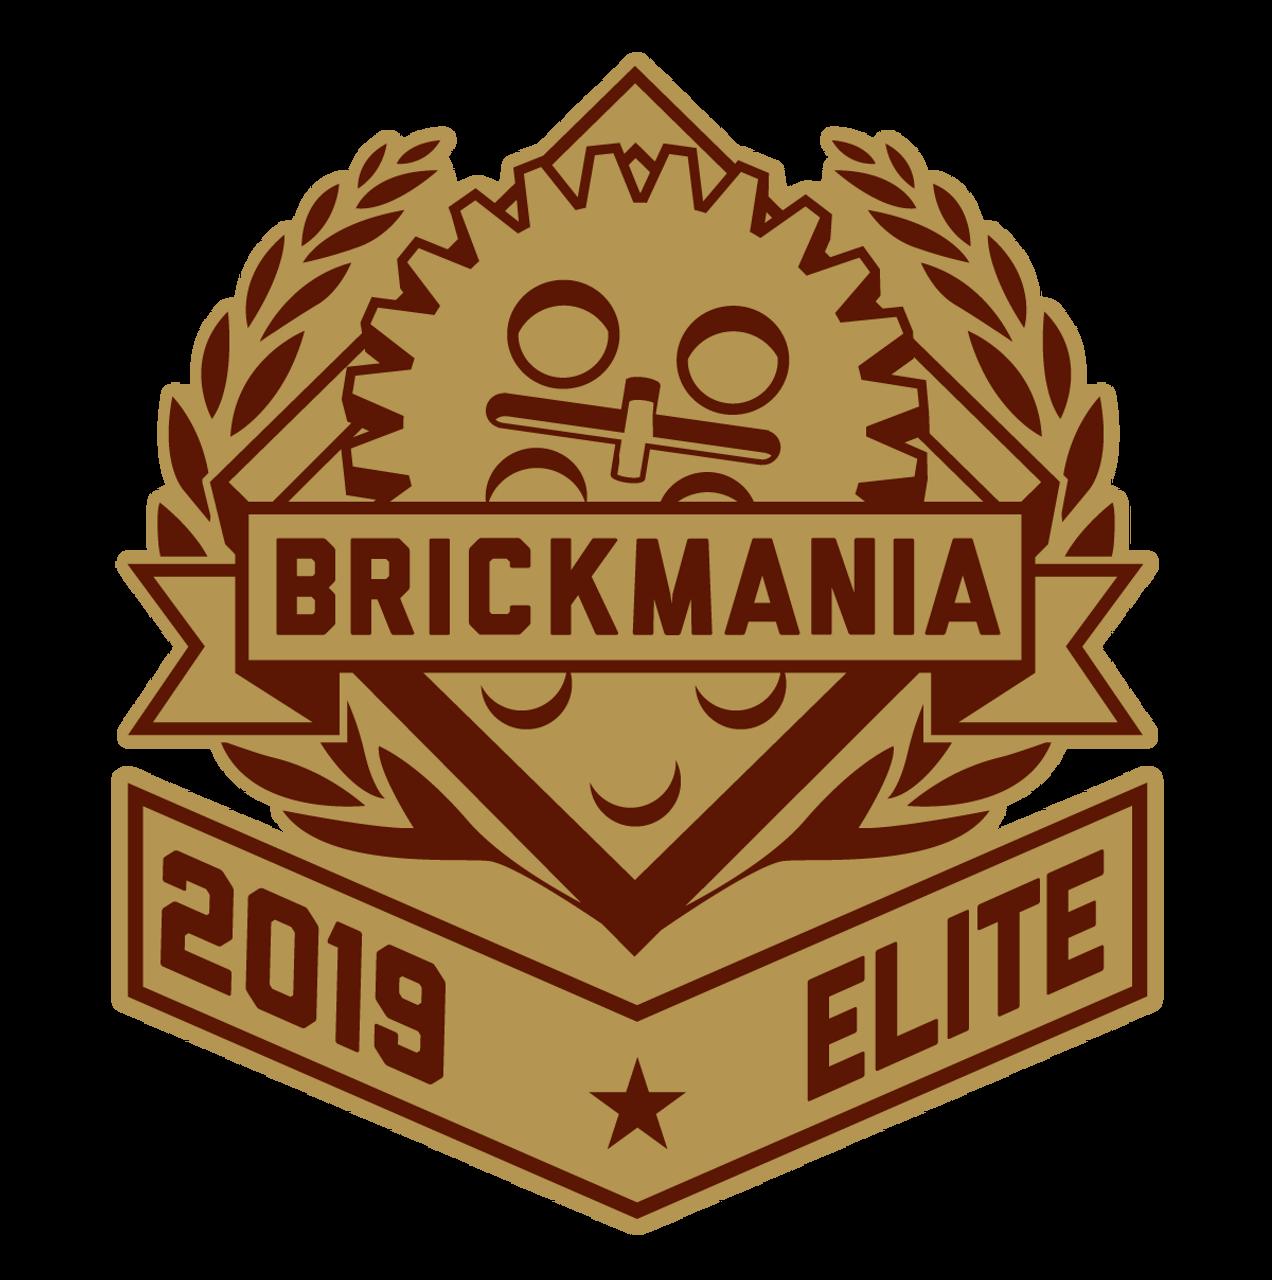 Brickmania Elite Membership 2019